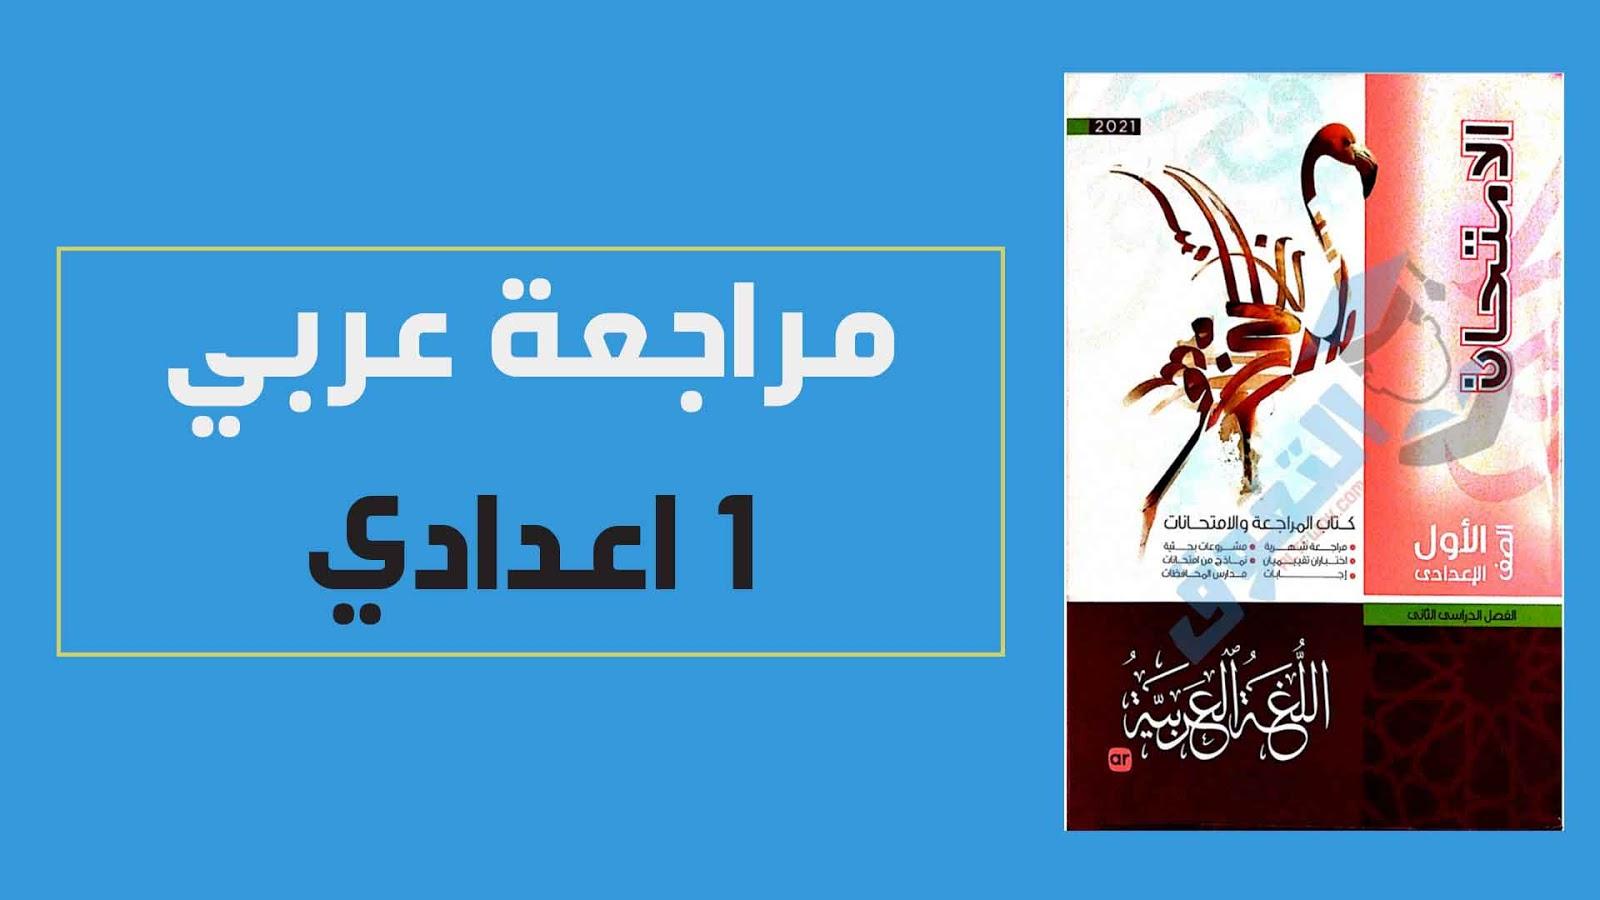 تحميل كتاب الامتحان فى اللغة العربية للصف الاول الاعدادى الترم الثانى 2021 pdf ( كتاب المراجعة المستمرة والامتحانات)